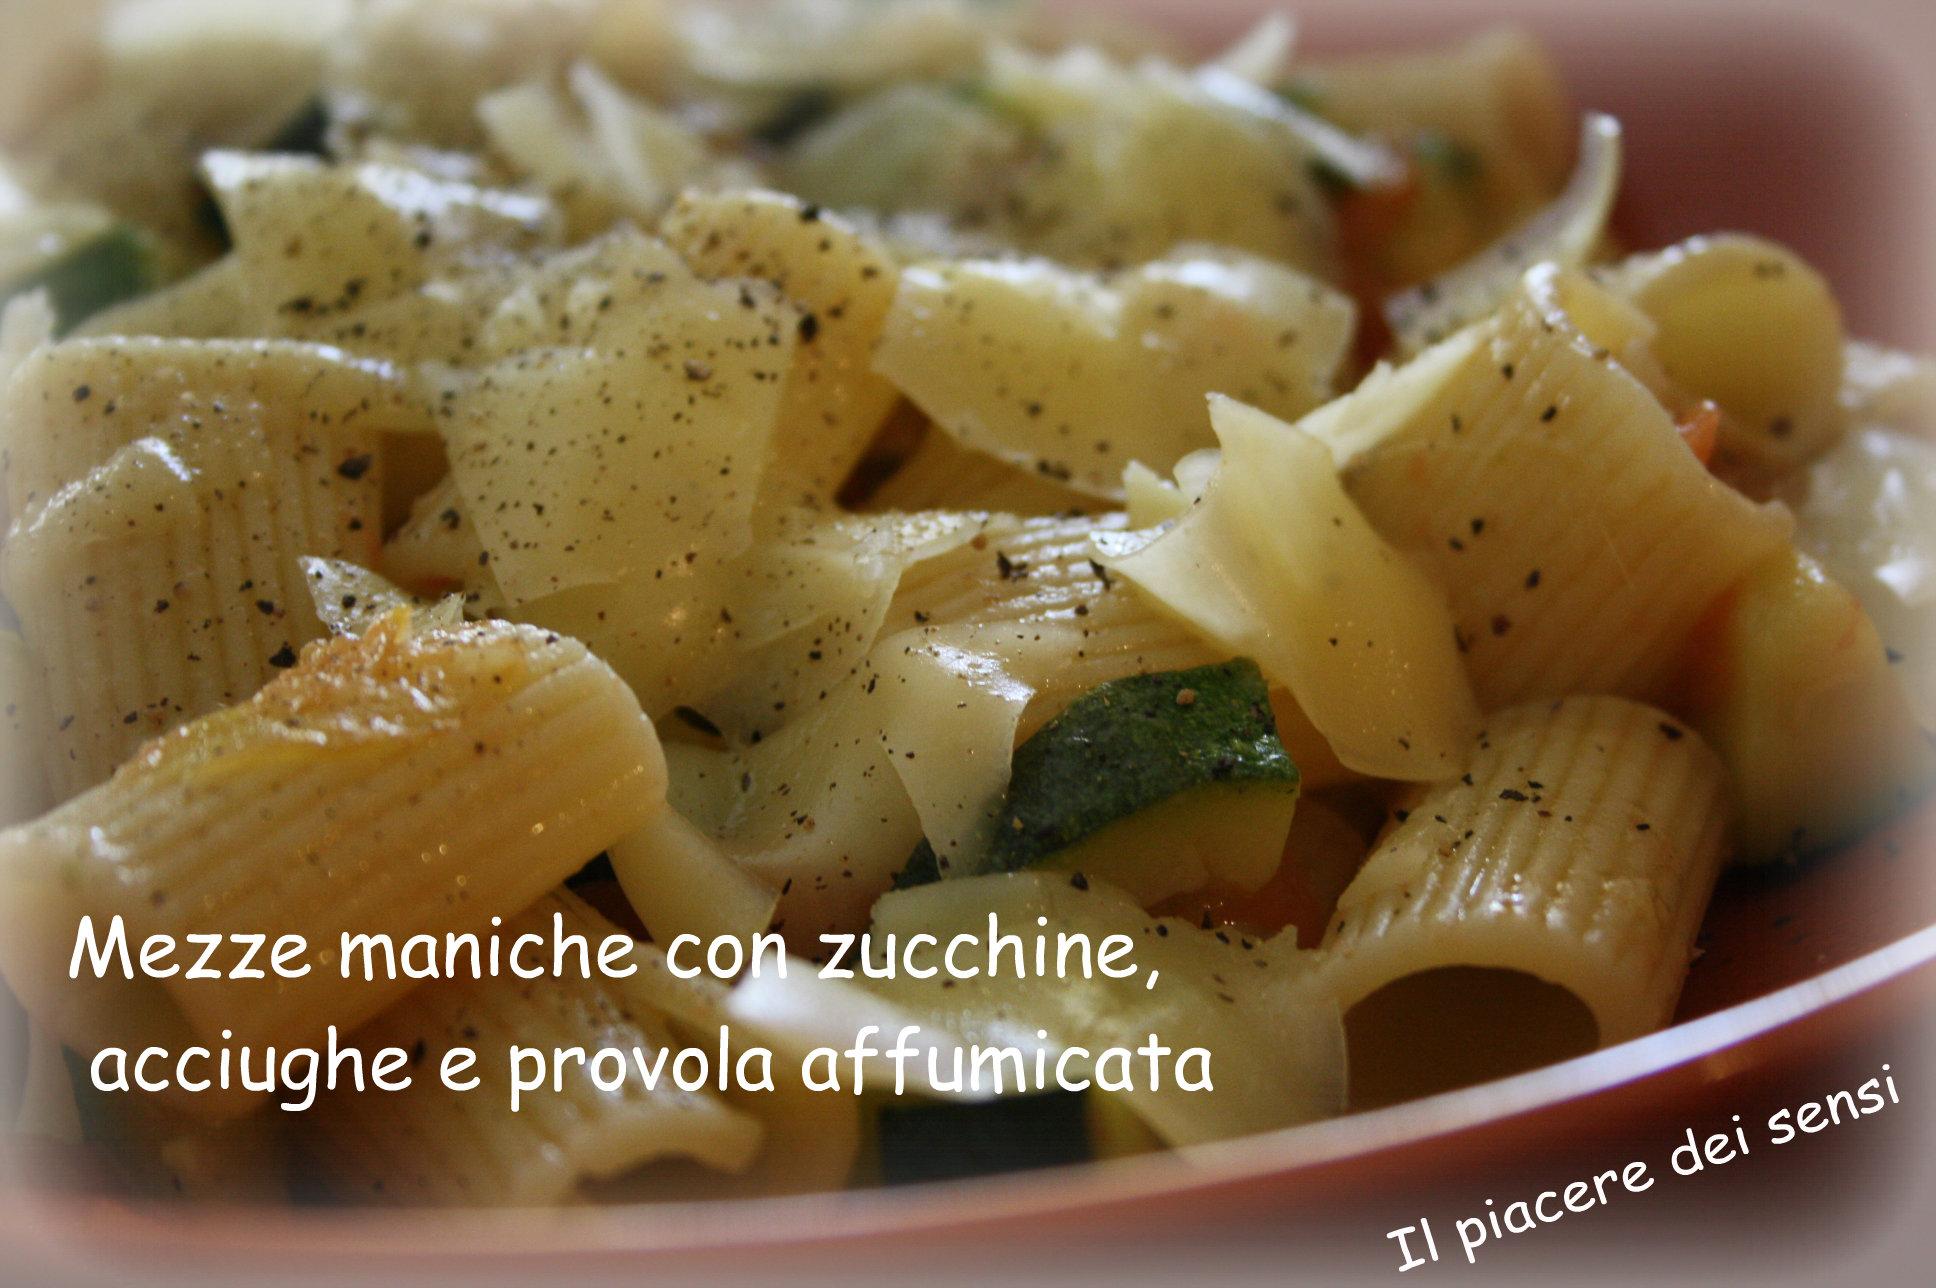 Mezze maniche con zucchine, acciughe e provola affumicata